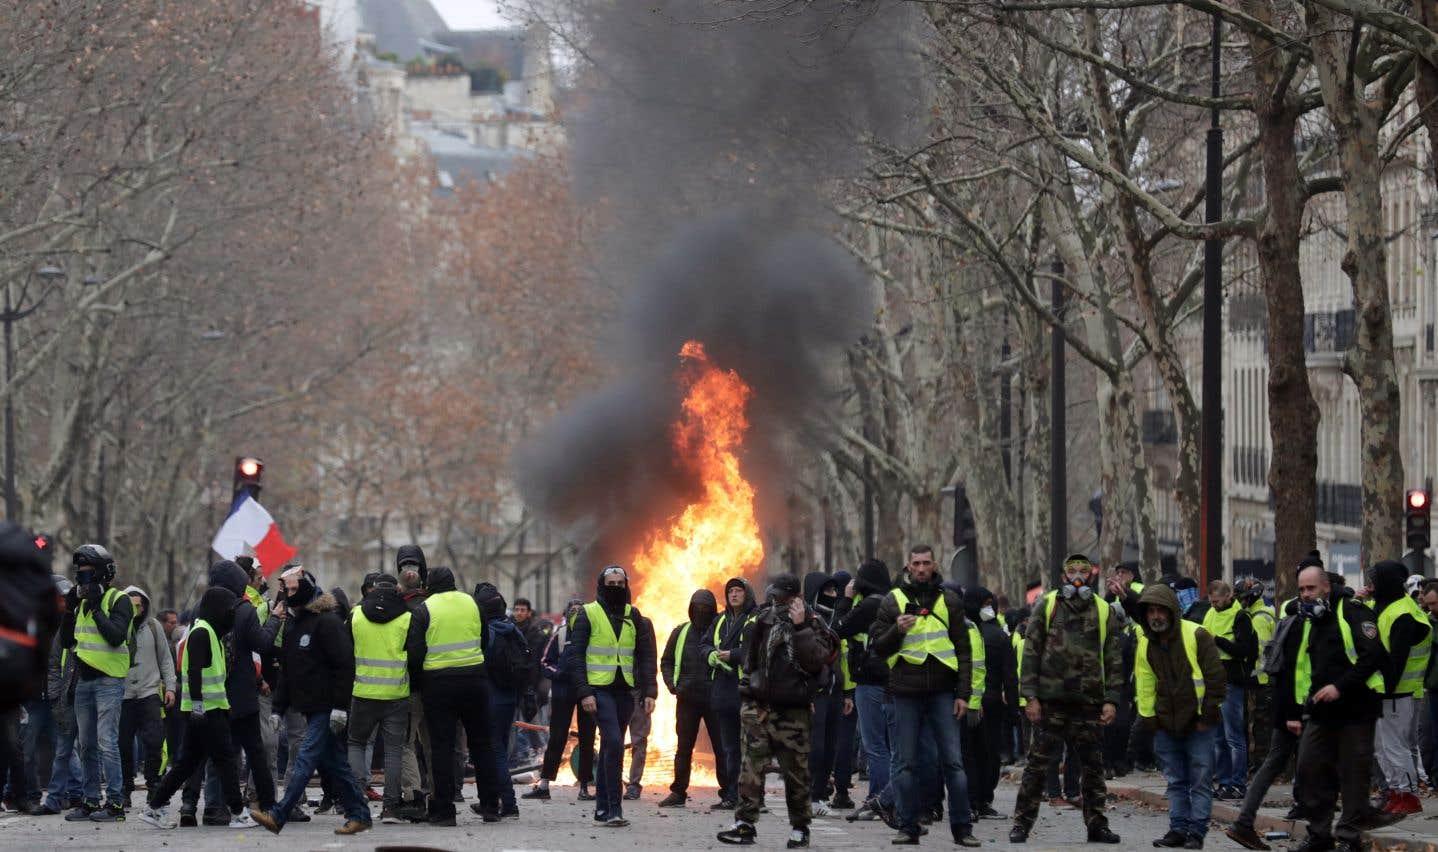 Des manifestants sont rassemblés près d'un feu, près de l'avenue des Champs-Élysées, à Paris.